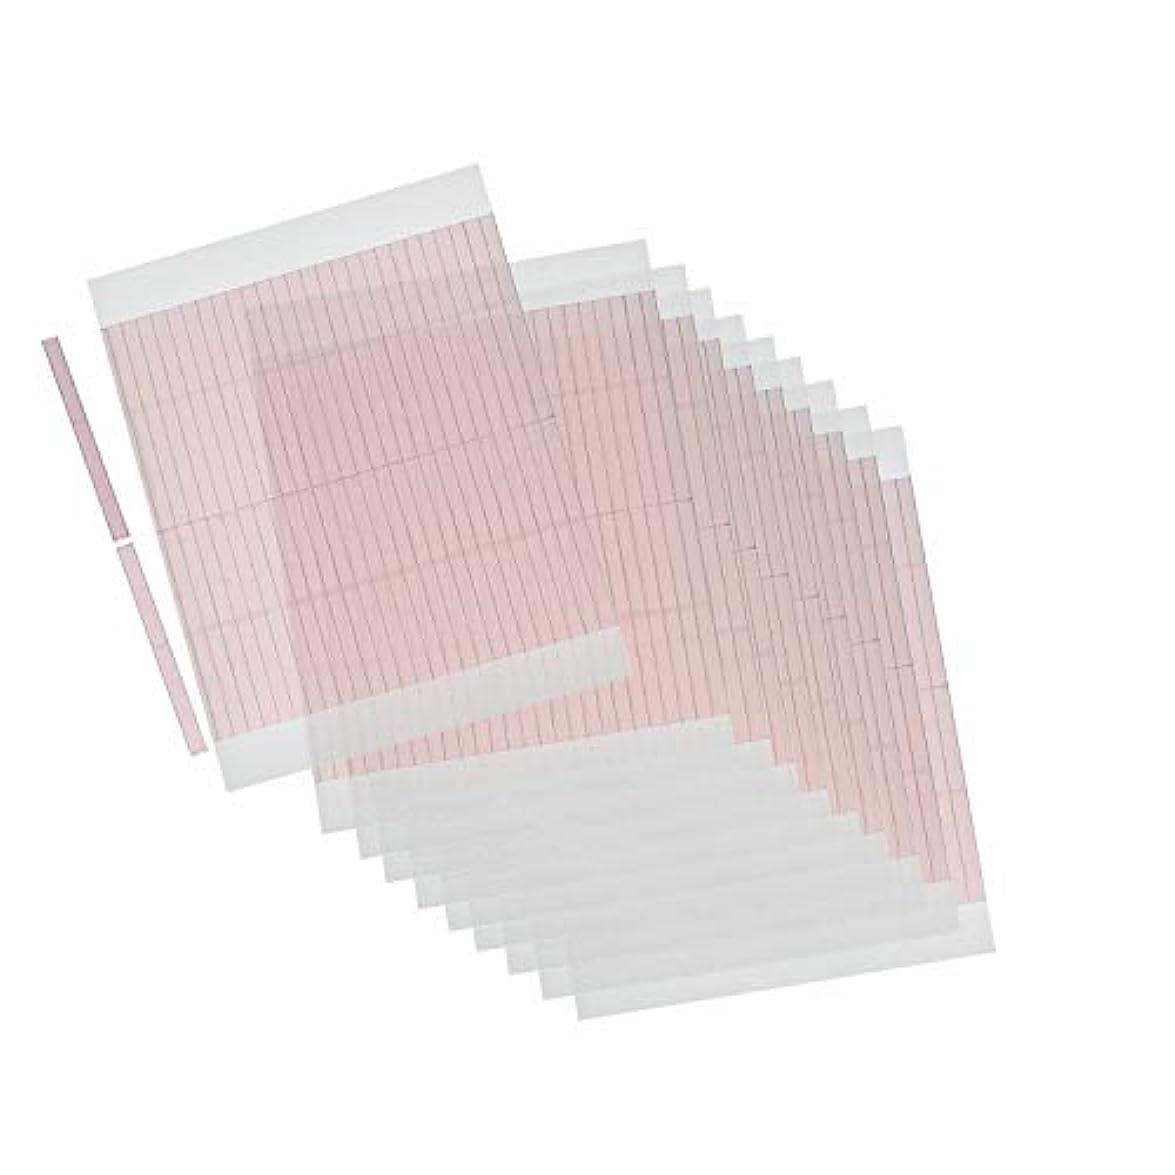 貧困炭素封建m.tivance アイテープ 二重瞼形成 二重テープ 10シートセット 520本入り/アイテープ10枚セット